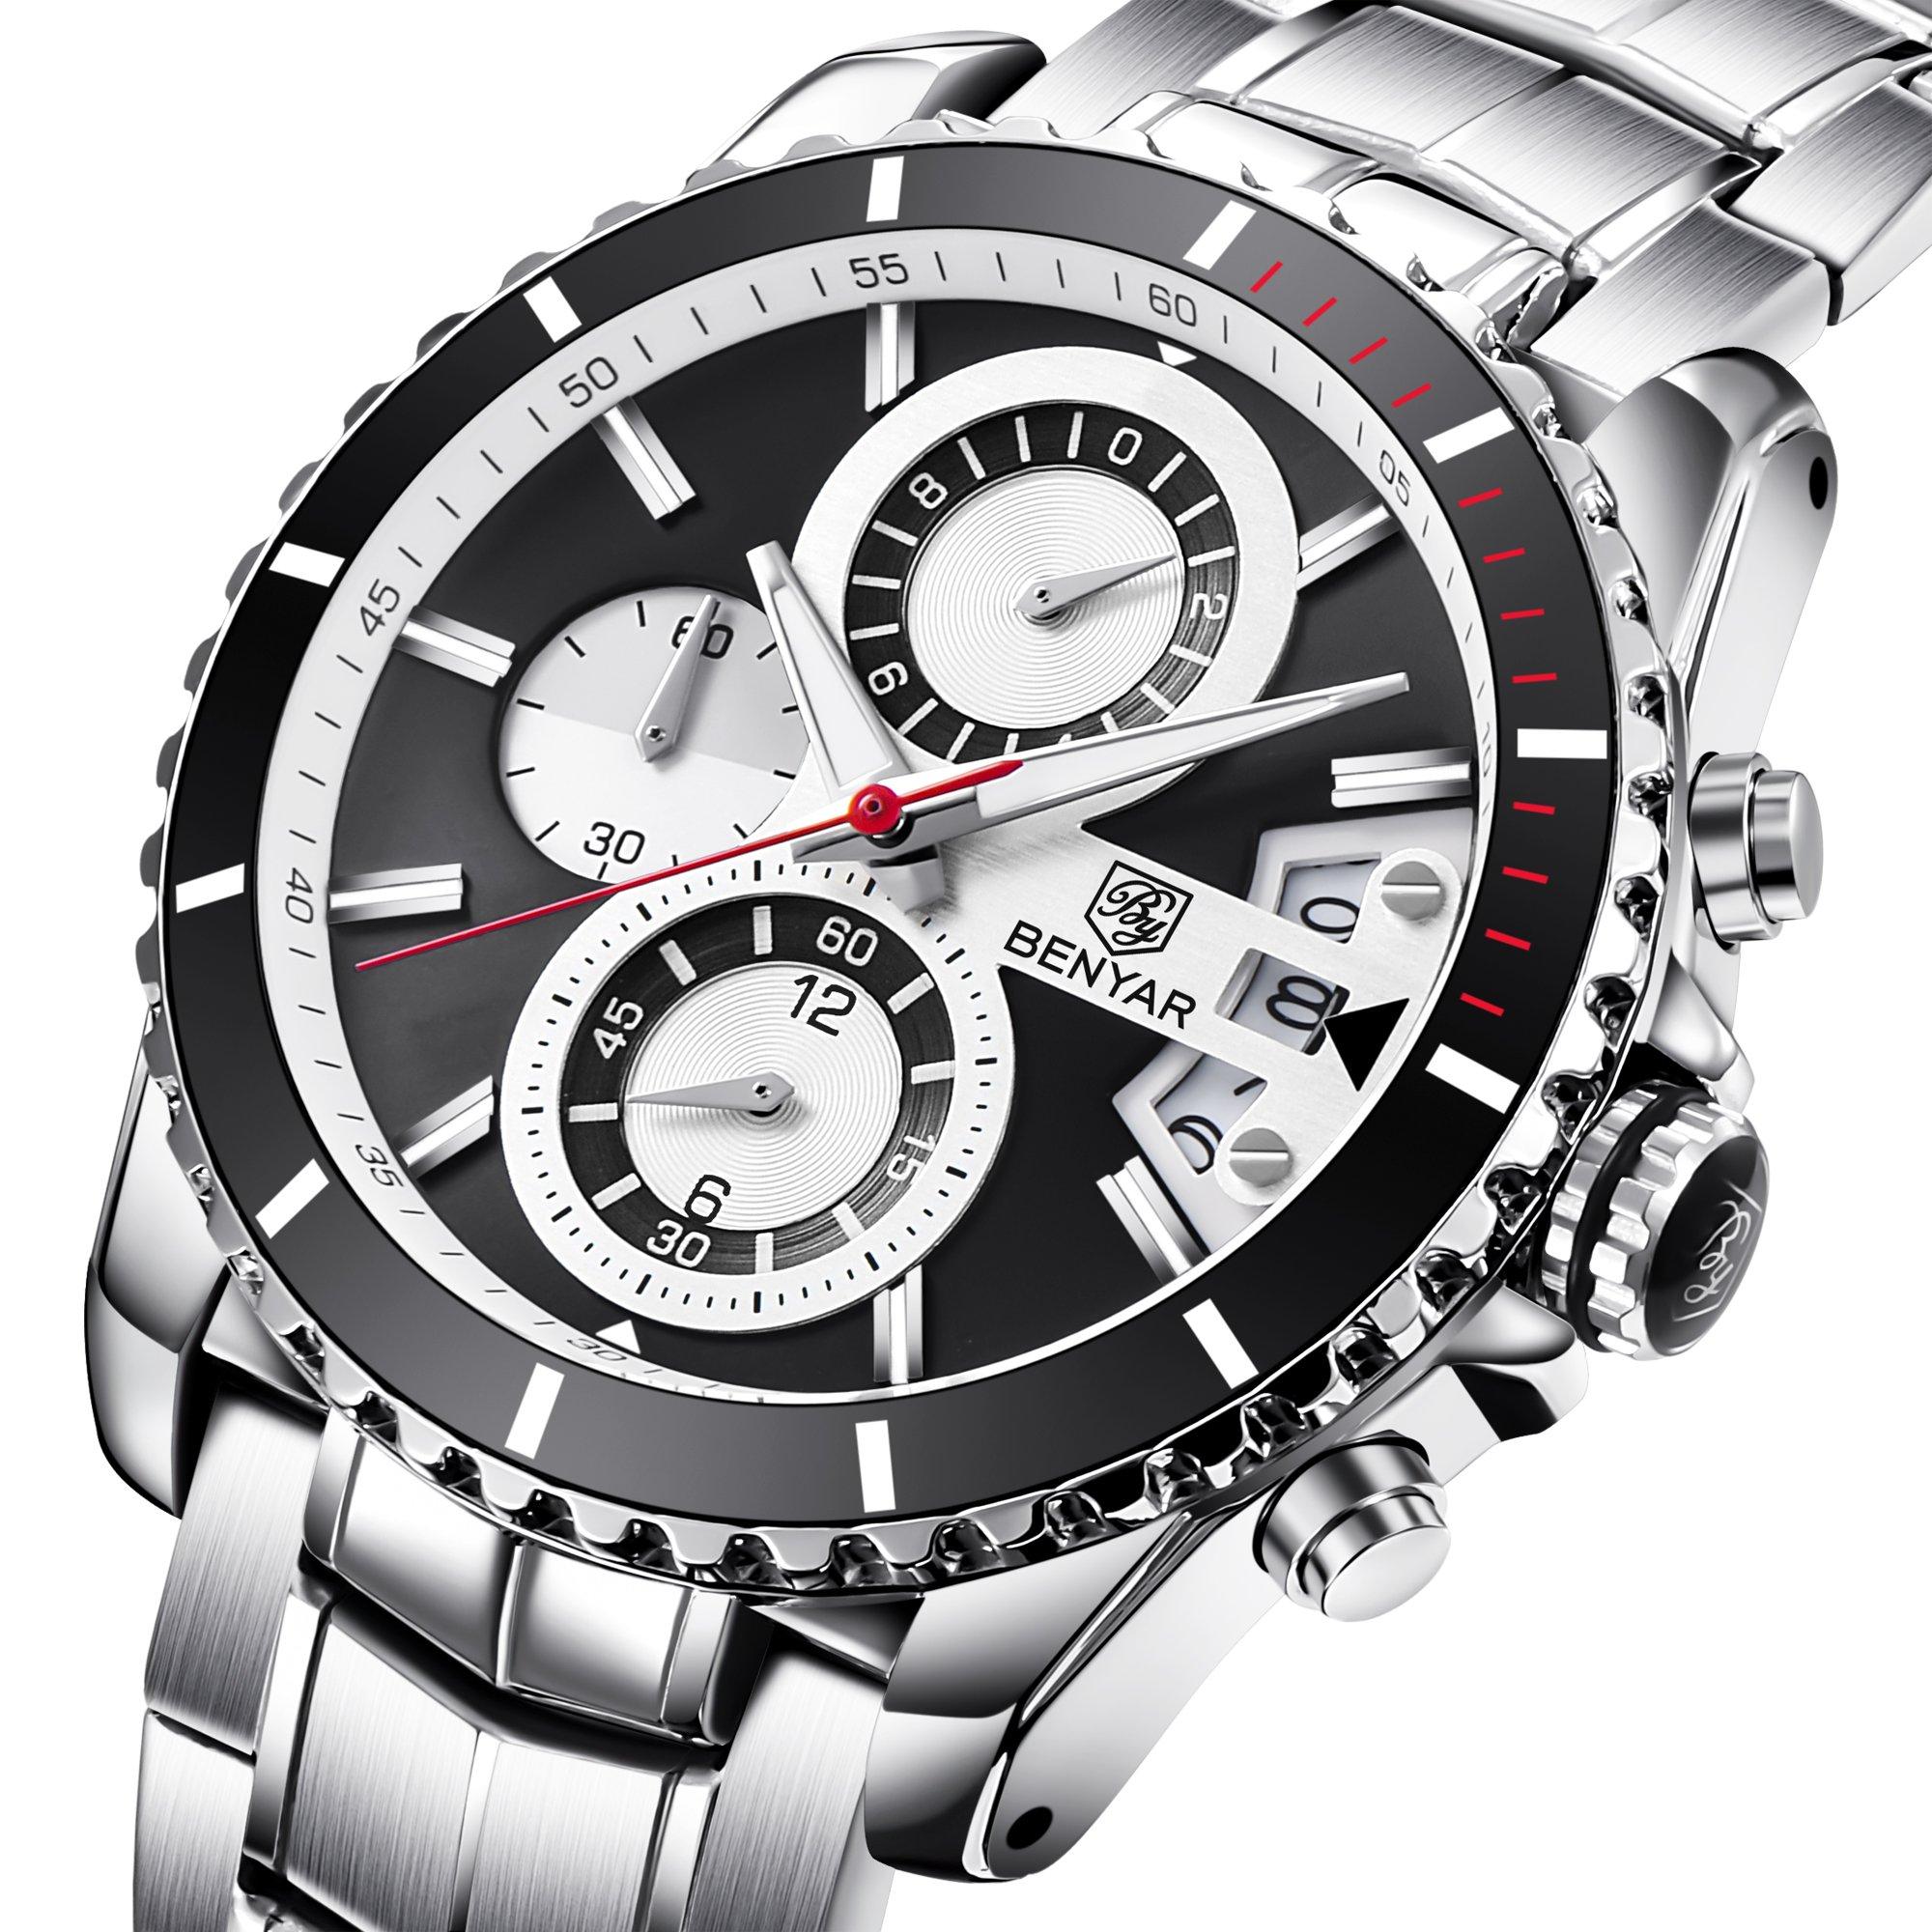 BENYAR Men's Chronograph Quartz Date Stainless Steel Black Dial Watch#BY-5127M by BENYAR